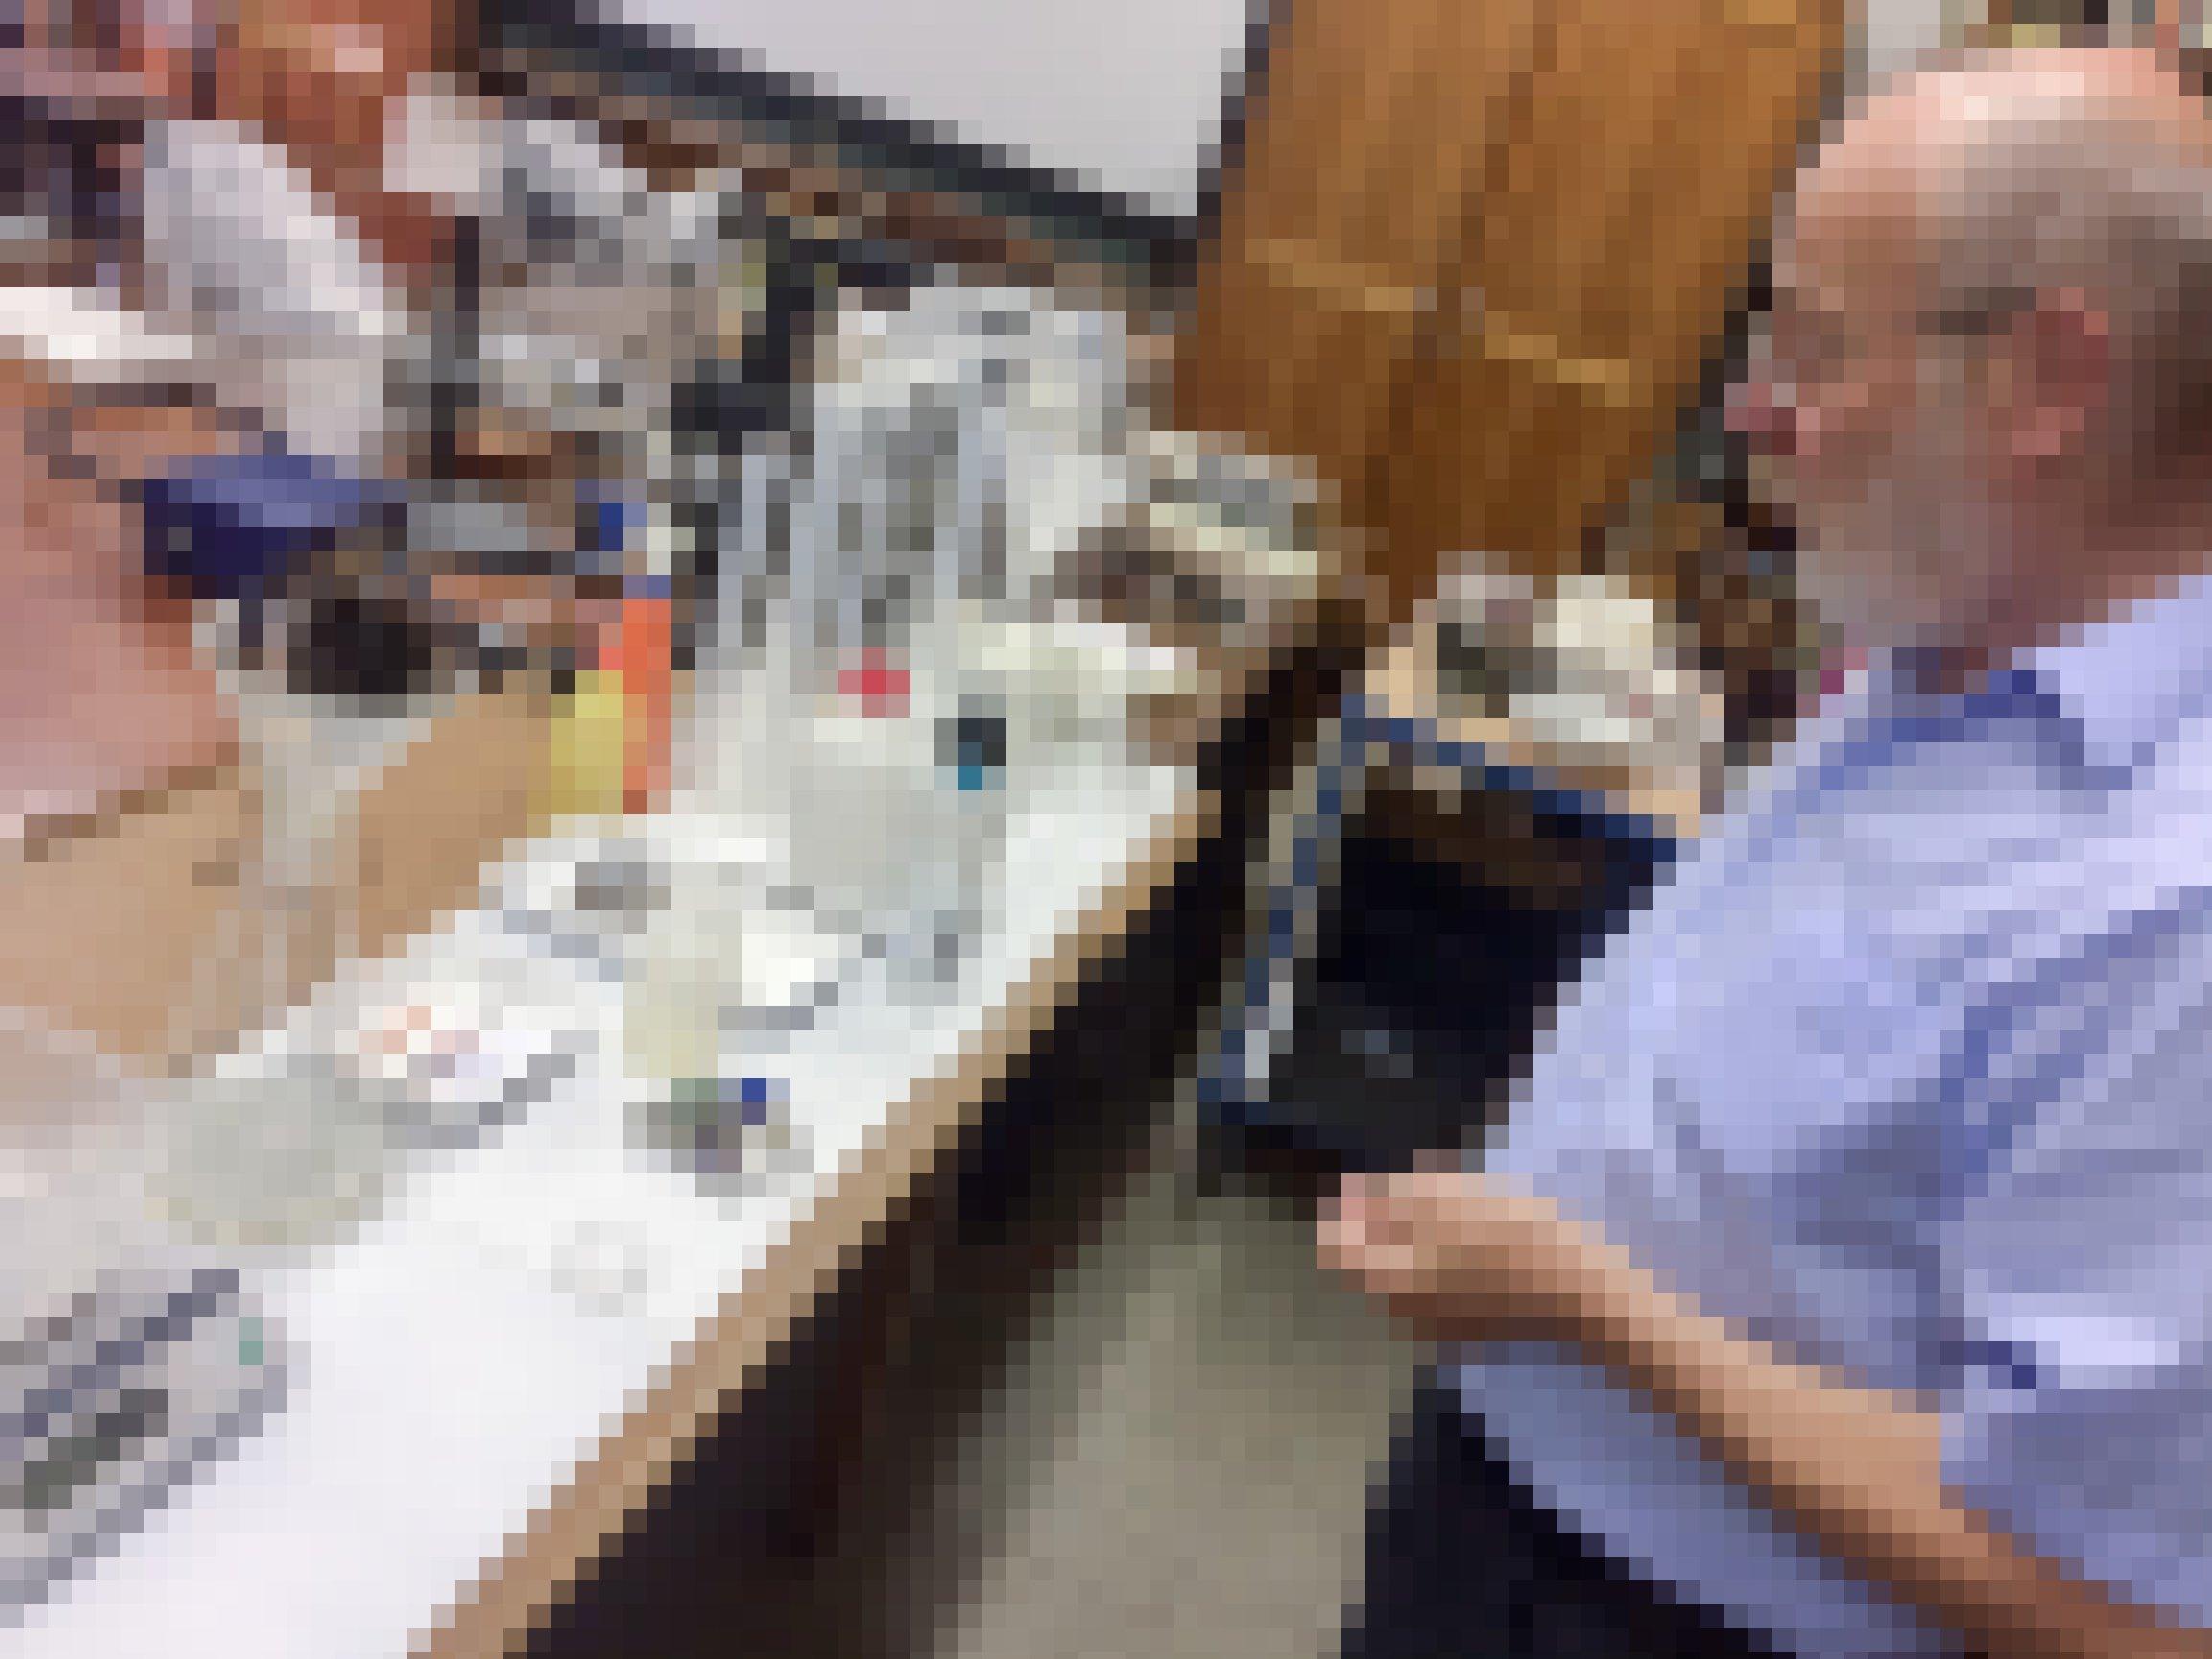 Ein Mann schaut auf einen Tisch. Er hält eine Stoppuhr in der Hand. Auf dem Tisch ein konischer Erlenmeyerkolben aus Glas, darauf ein Trichter in dem wiederum ein Haarsieb mit einem schwarzen Gewirr aus tausenden Insekten liegt. Eine elektronische Waage und Plastikflaschen stehen bereit, um die Probe aufzunehmen.